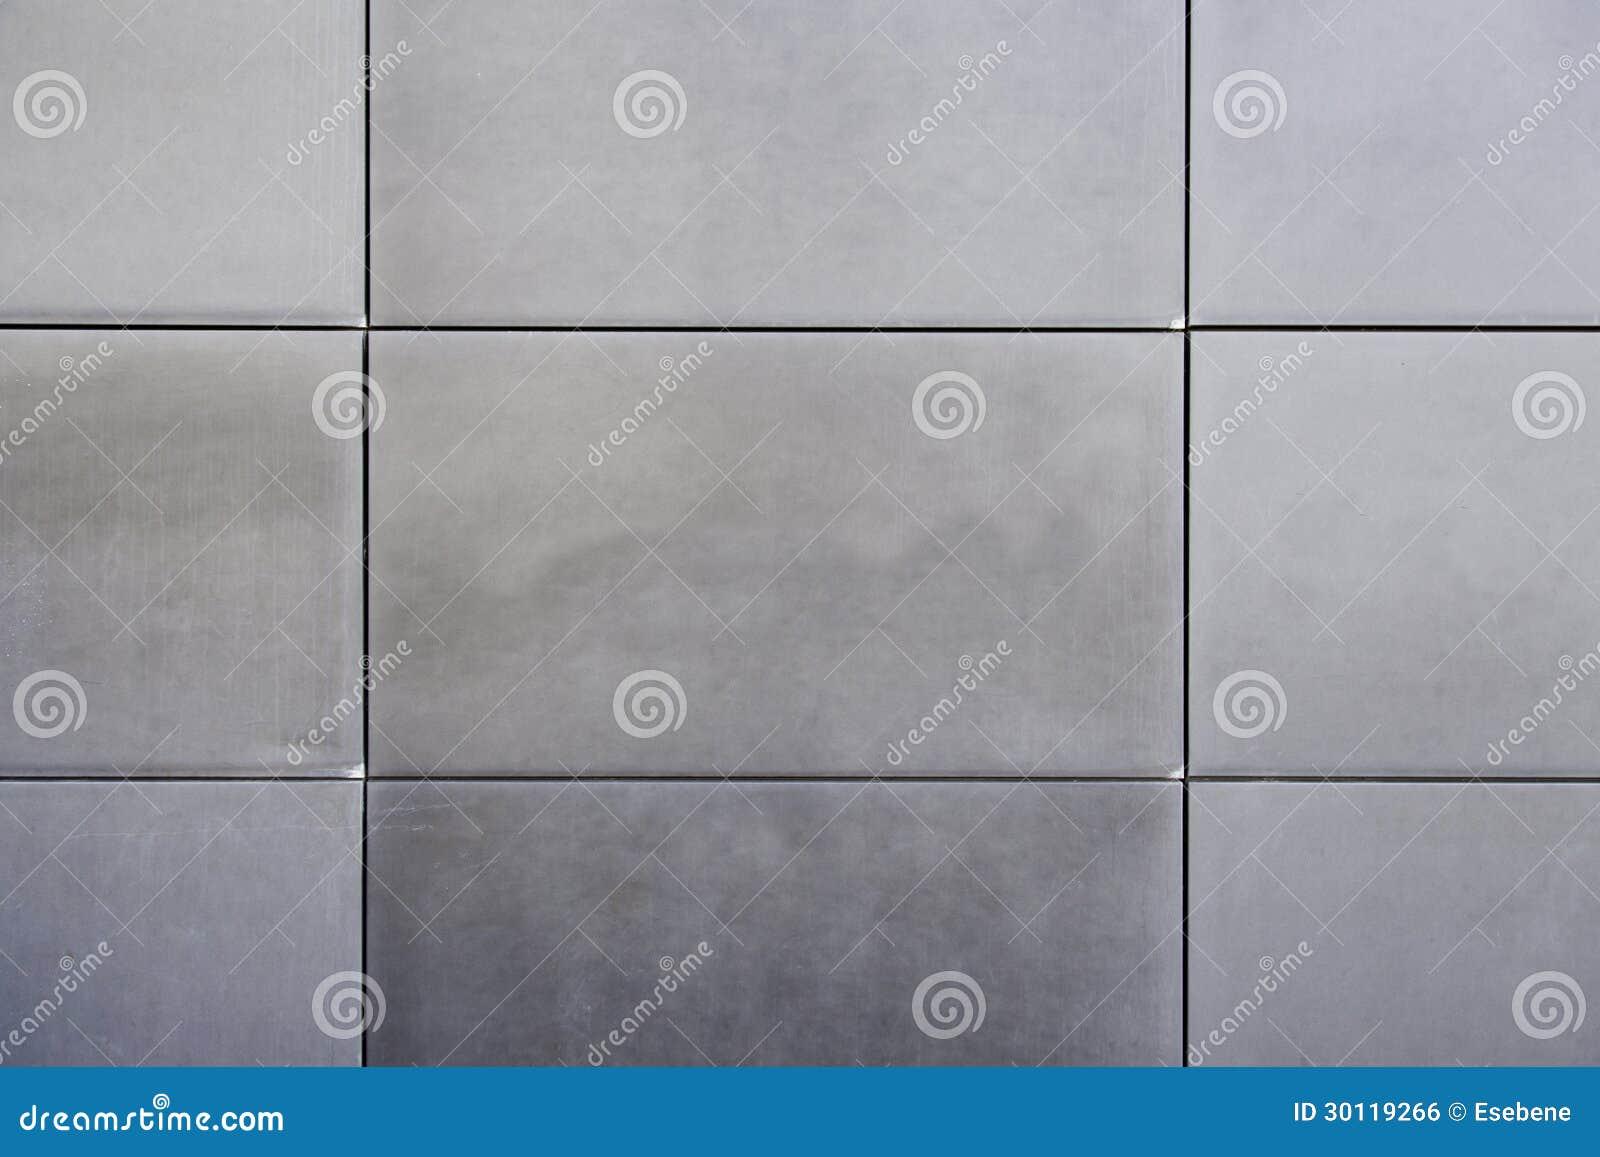 Metal Wall Tiles metal wall tiles royalty free stock image - image: 30119266